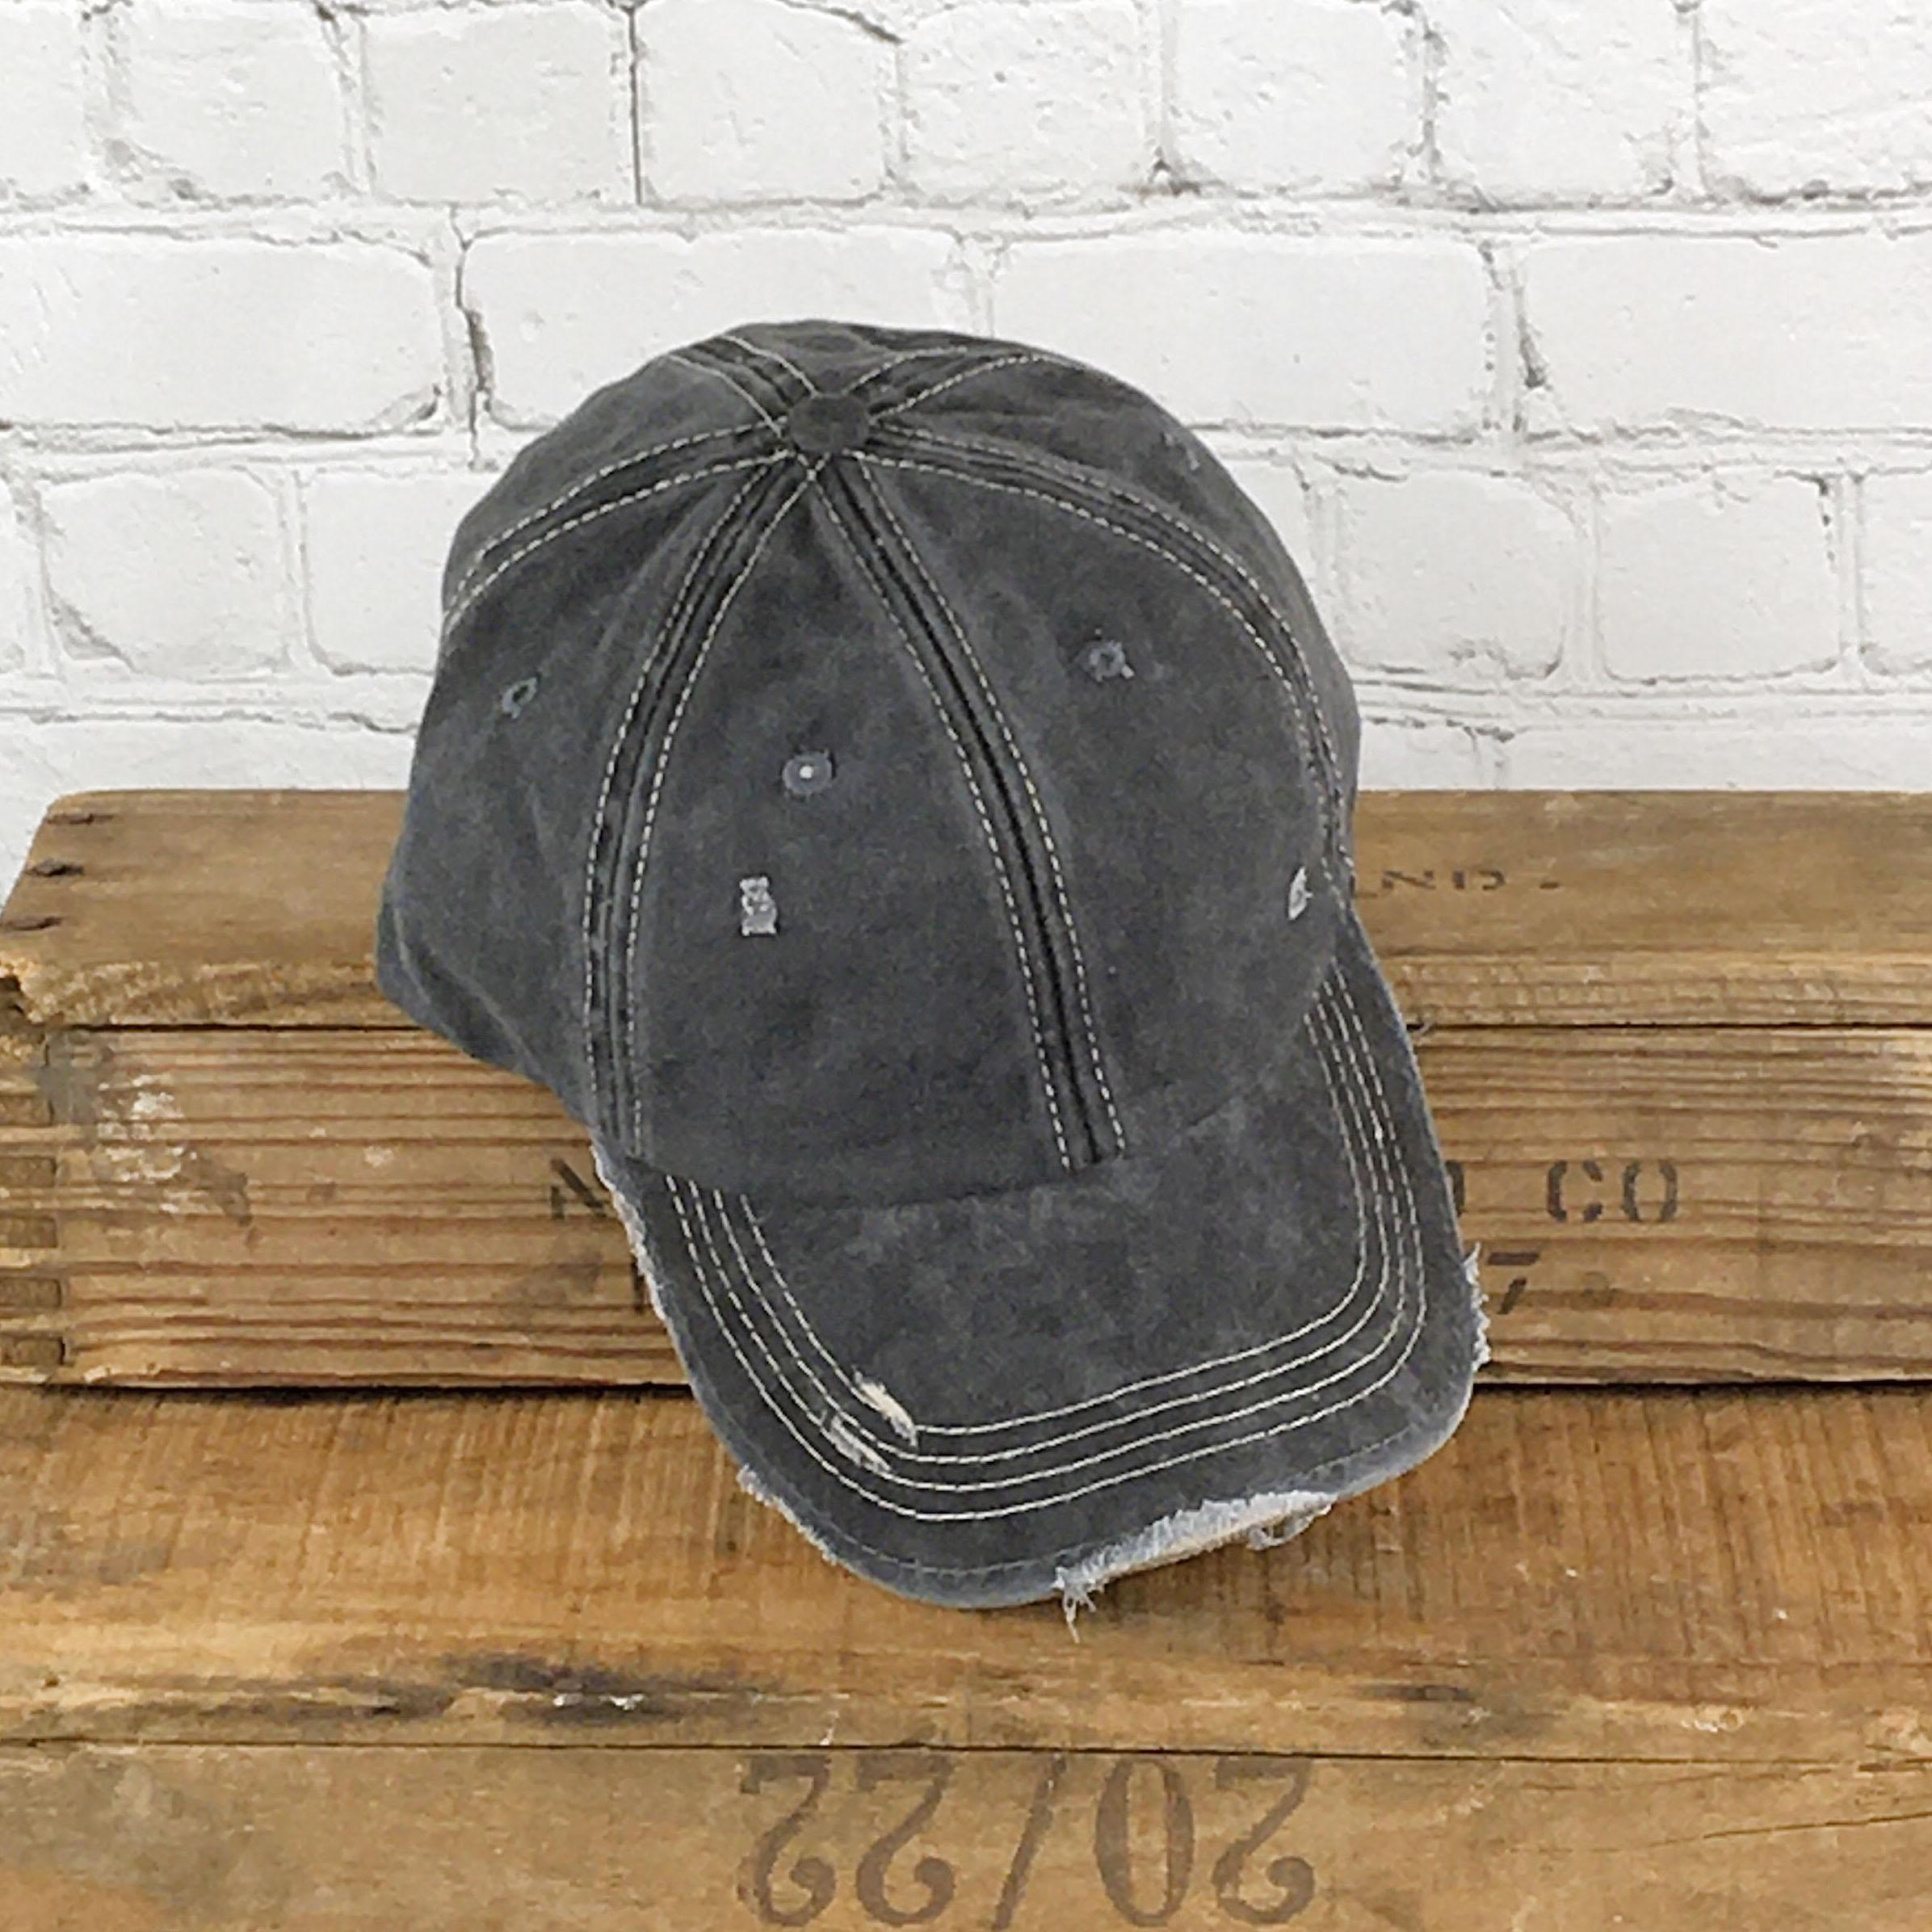 E19794 Distressed Unisex Grey Washed   Baseball Cap